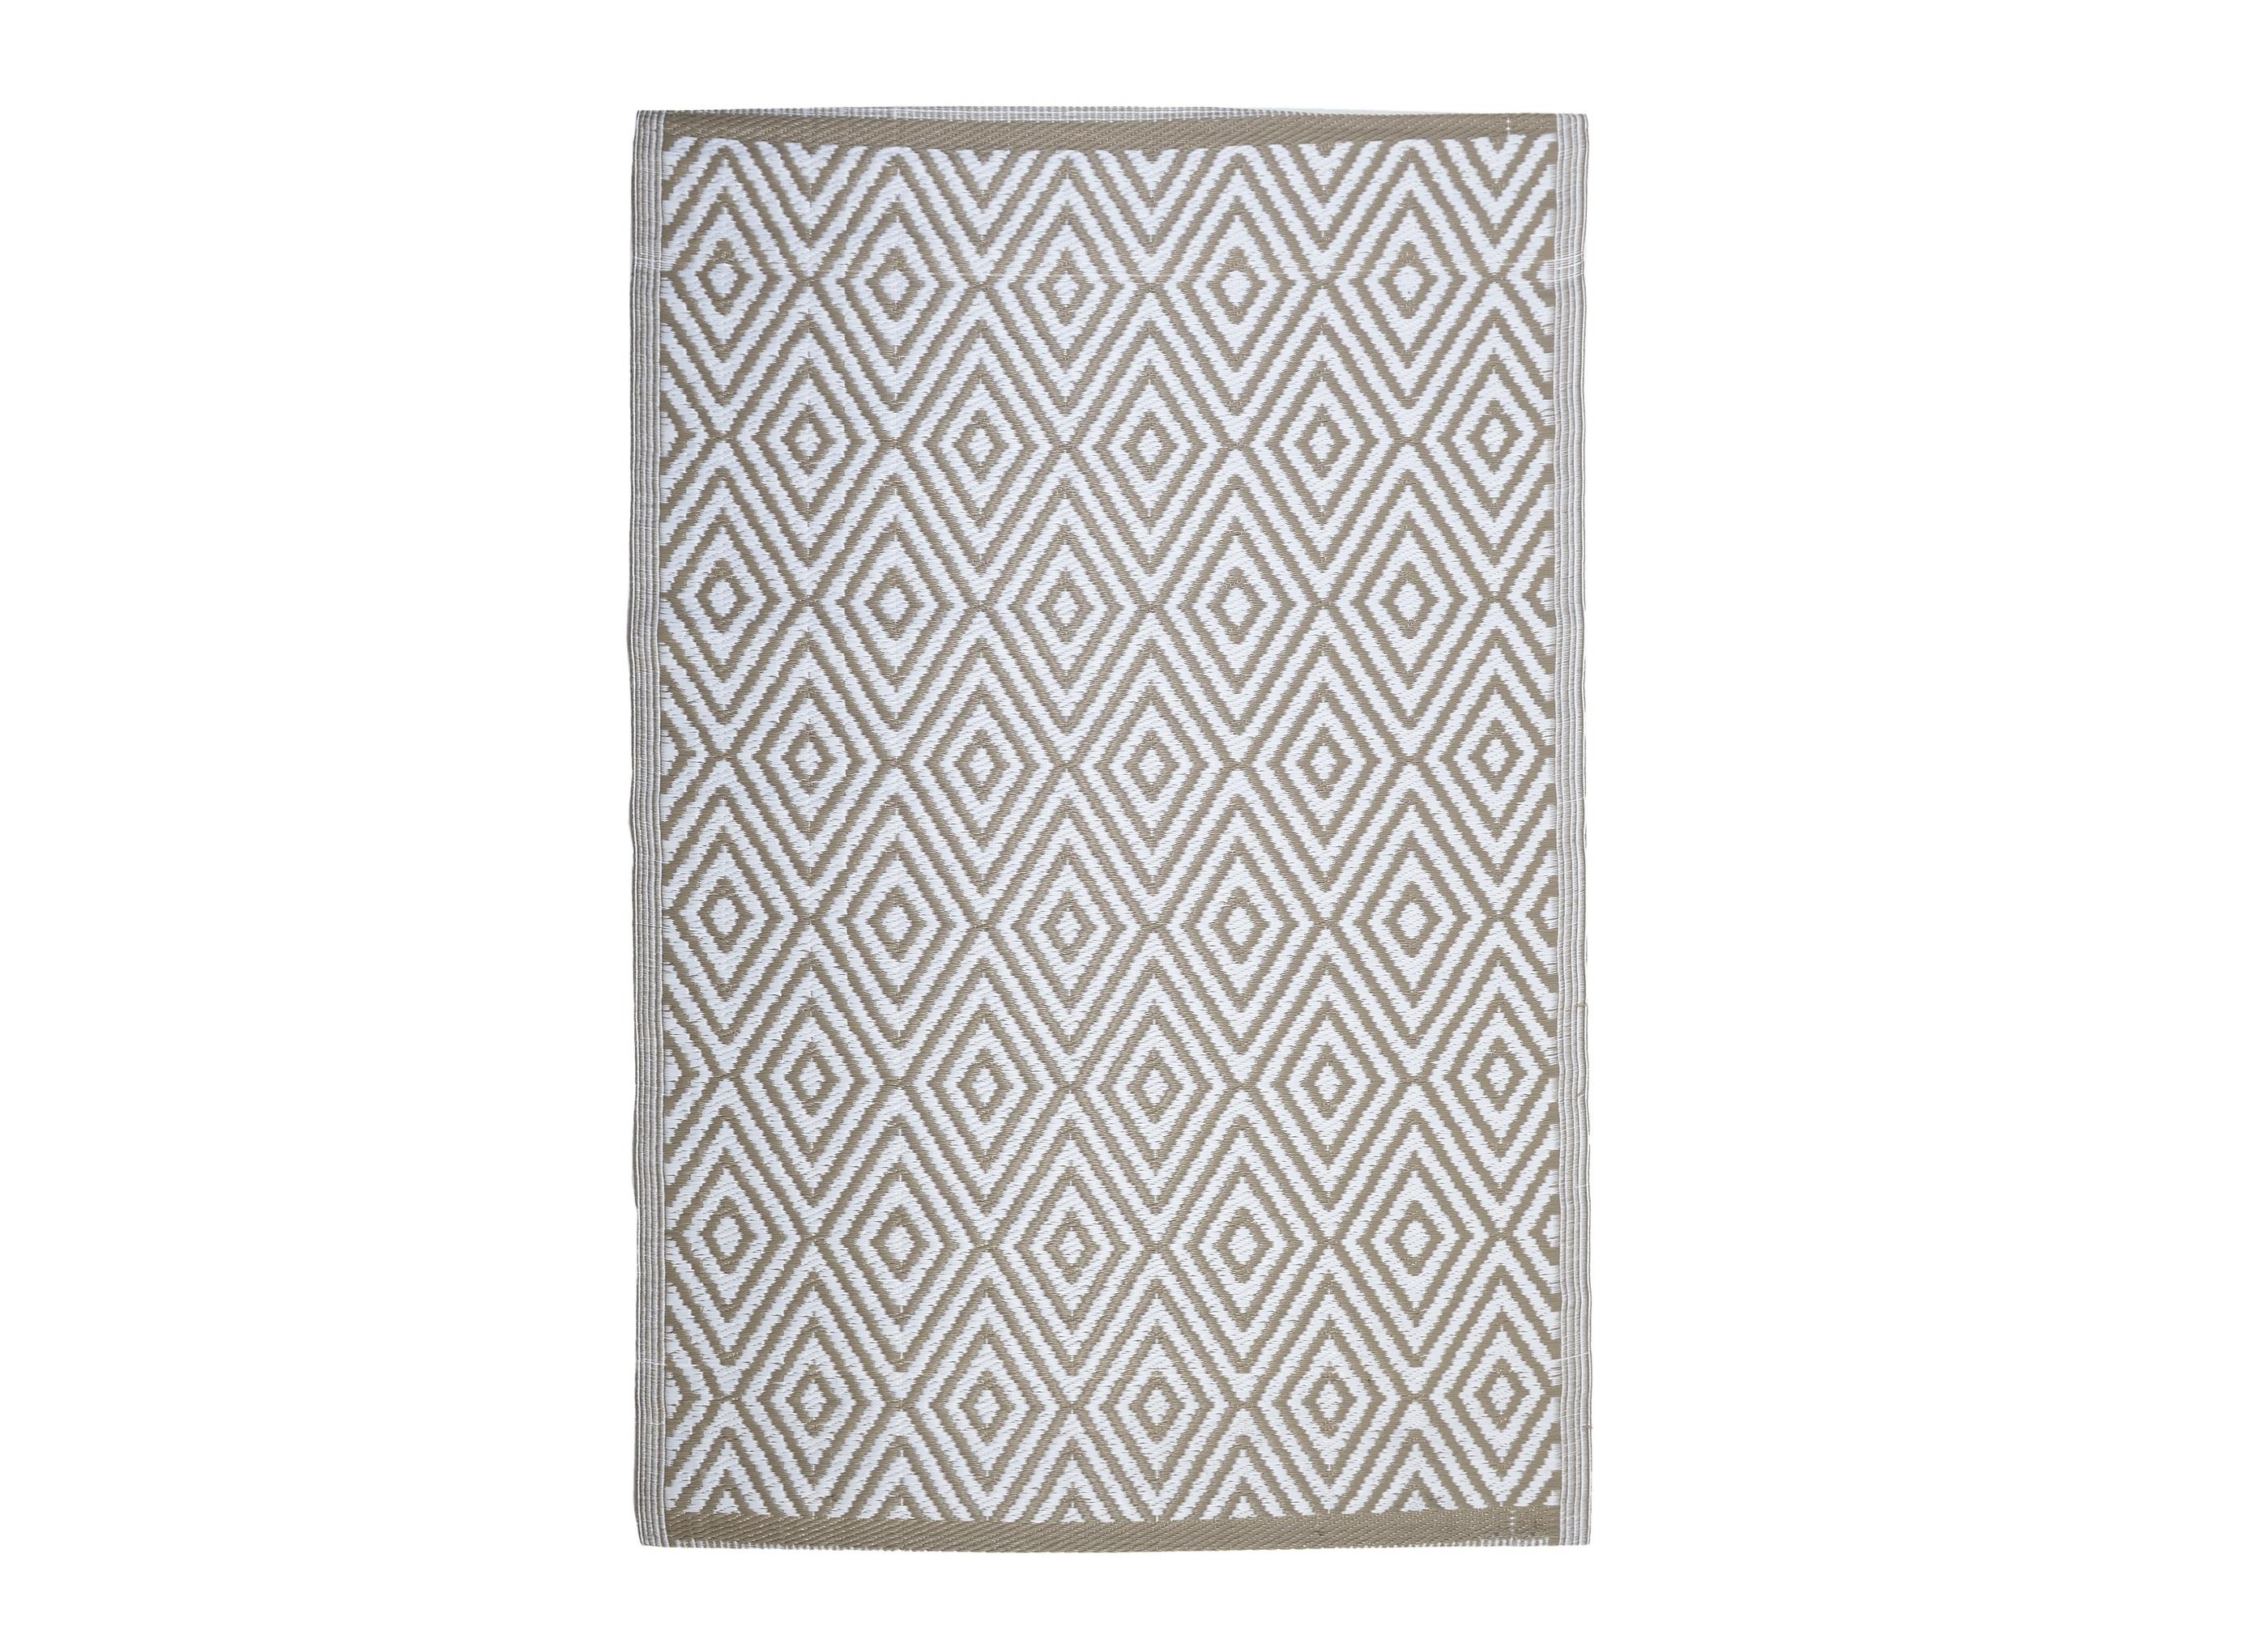 Ковер PoeheiПрямоугольные ковры<br><br><br>Material: Текстиль<br>Ширина см: 120<br>Высота см: 1<br>Глубина см: 180